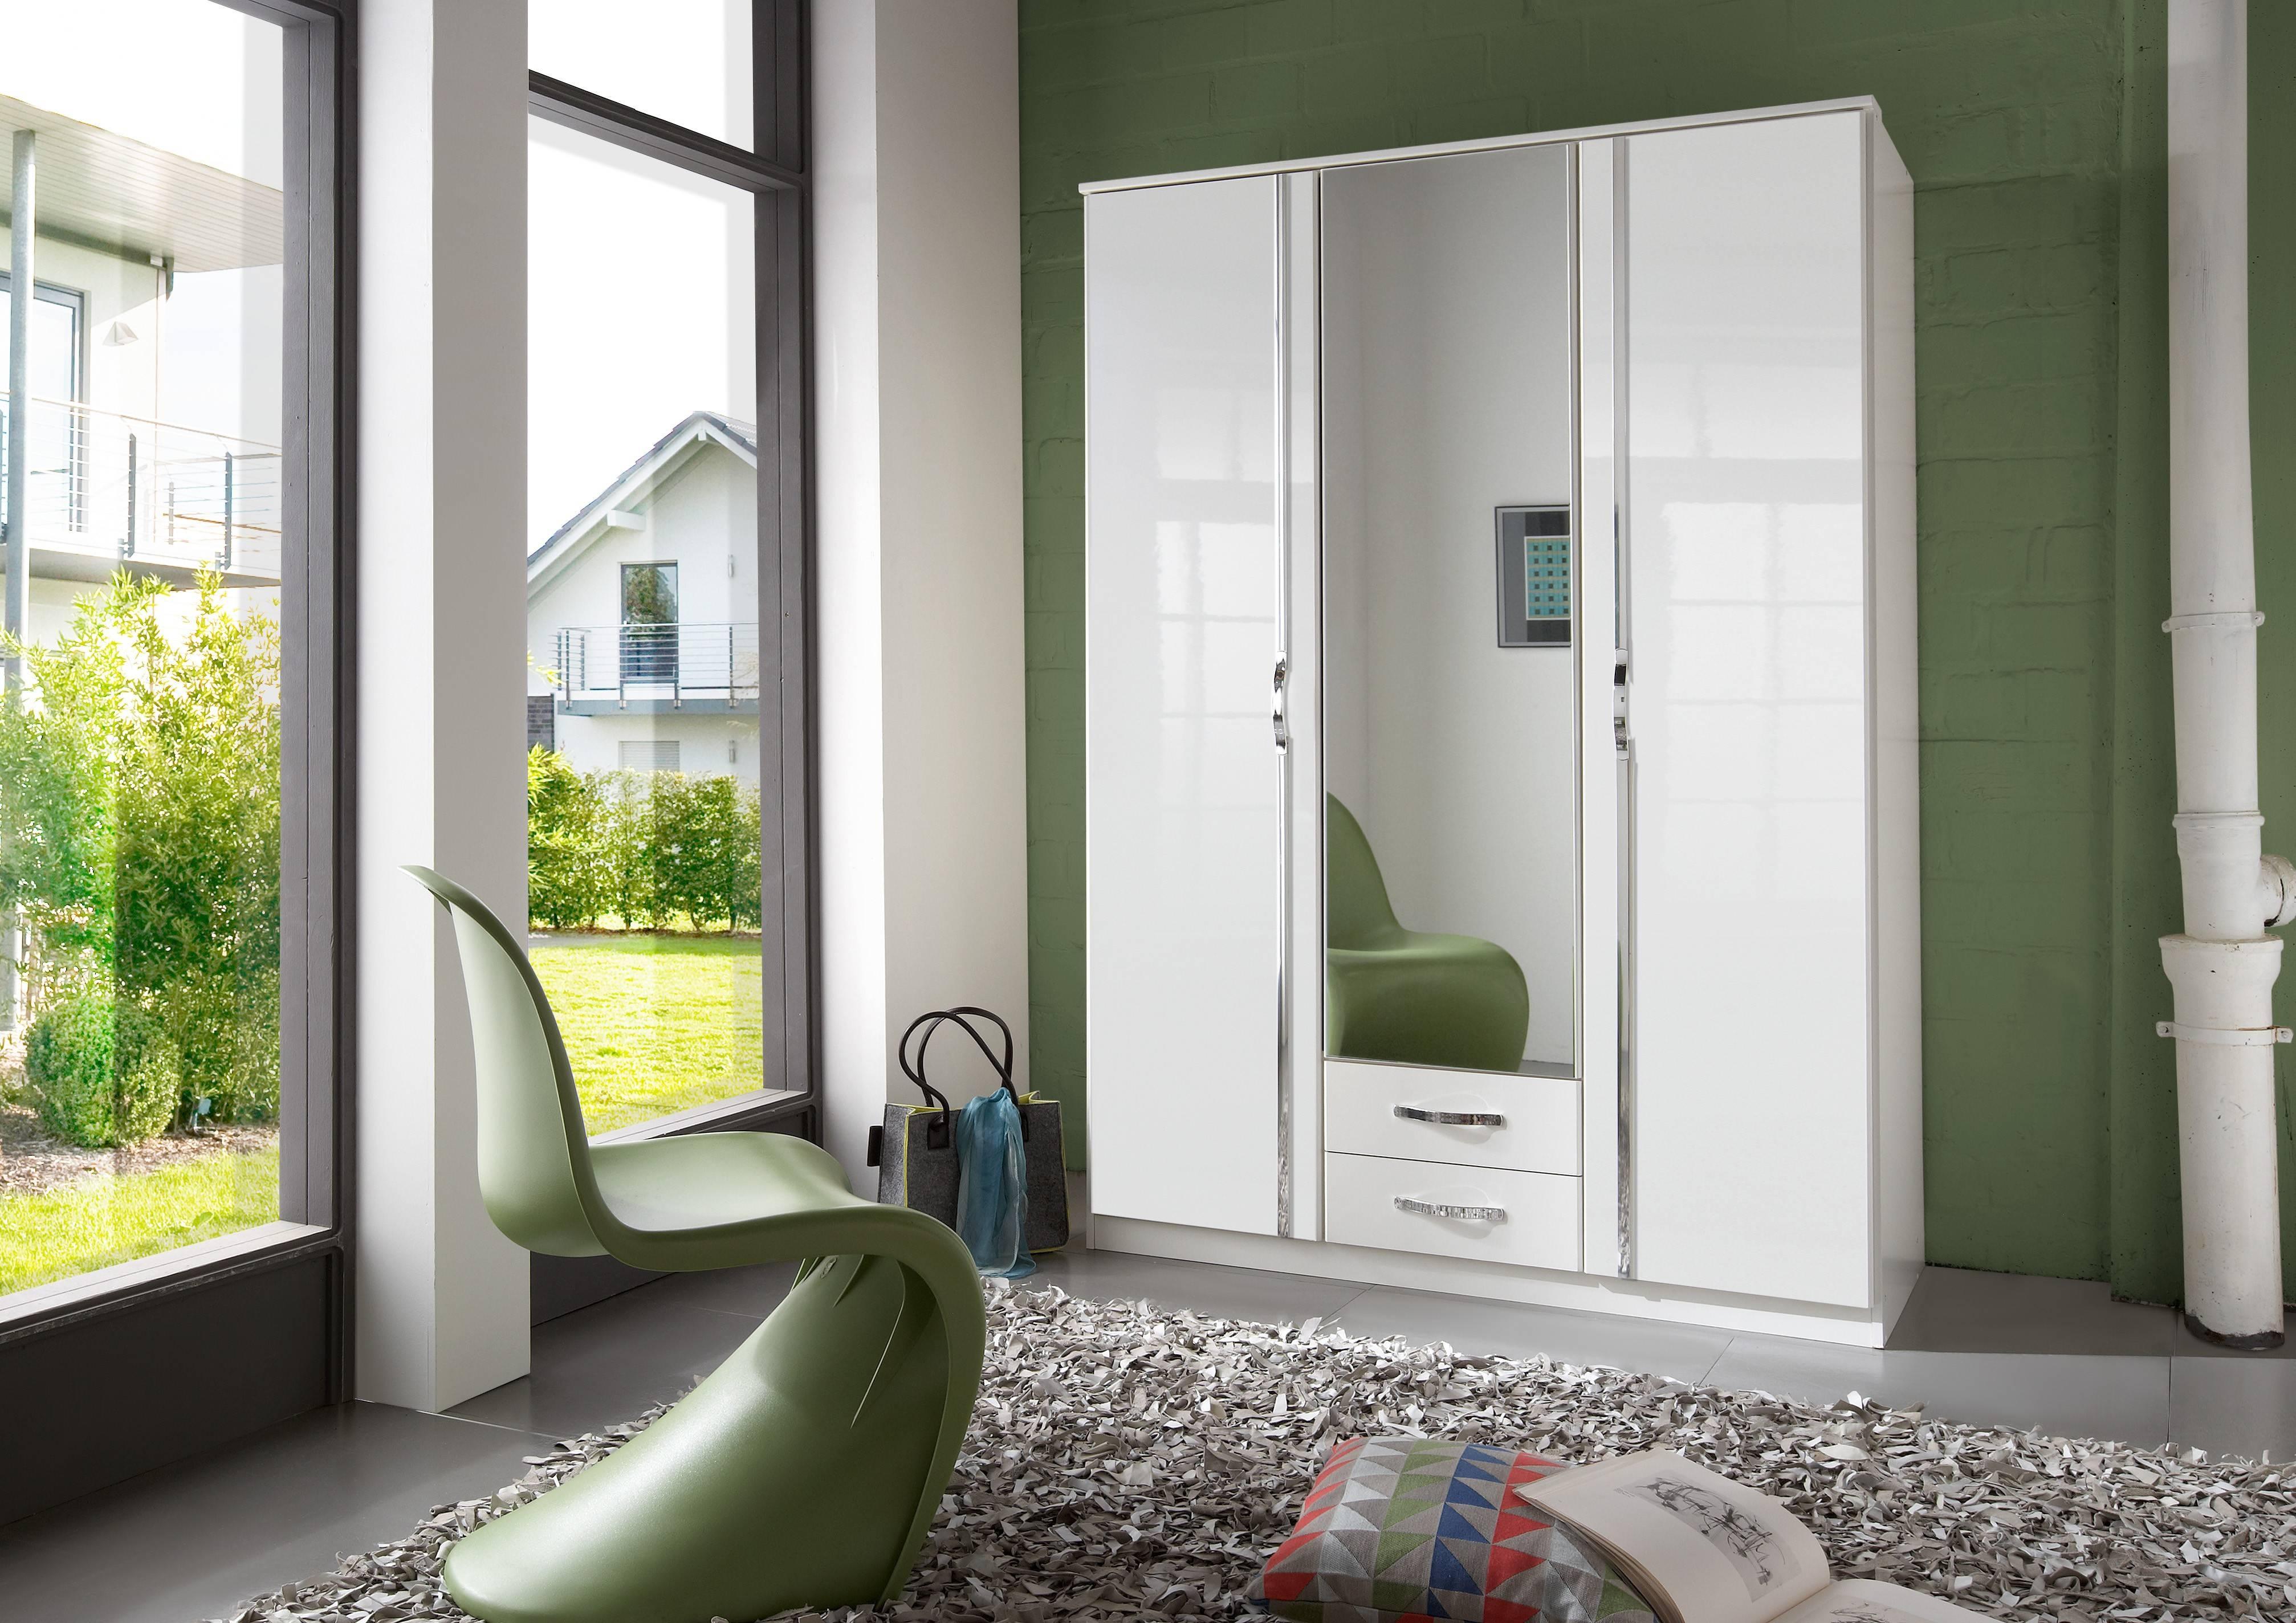 Slumberhaus 'trio' White Gloss, Chrome & Mirror 3 Door 2 Drawer in Gloss Wardrobes (Image 11 of 15)